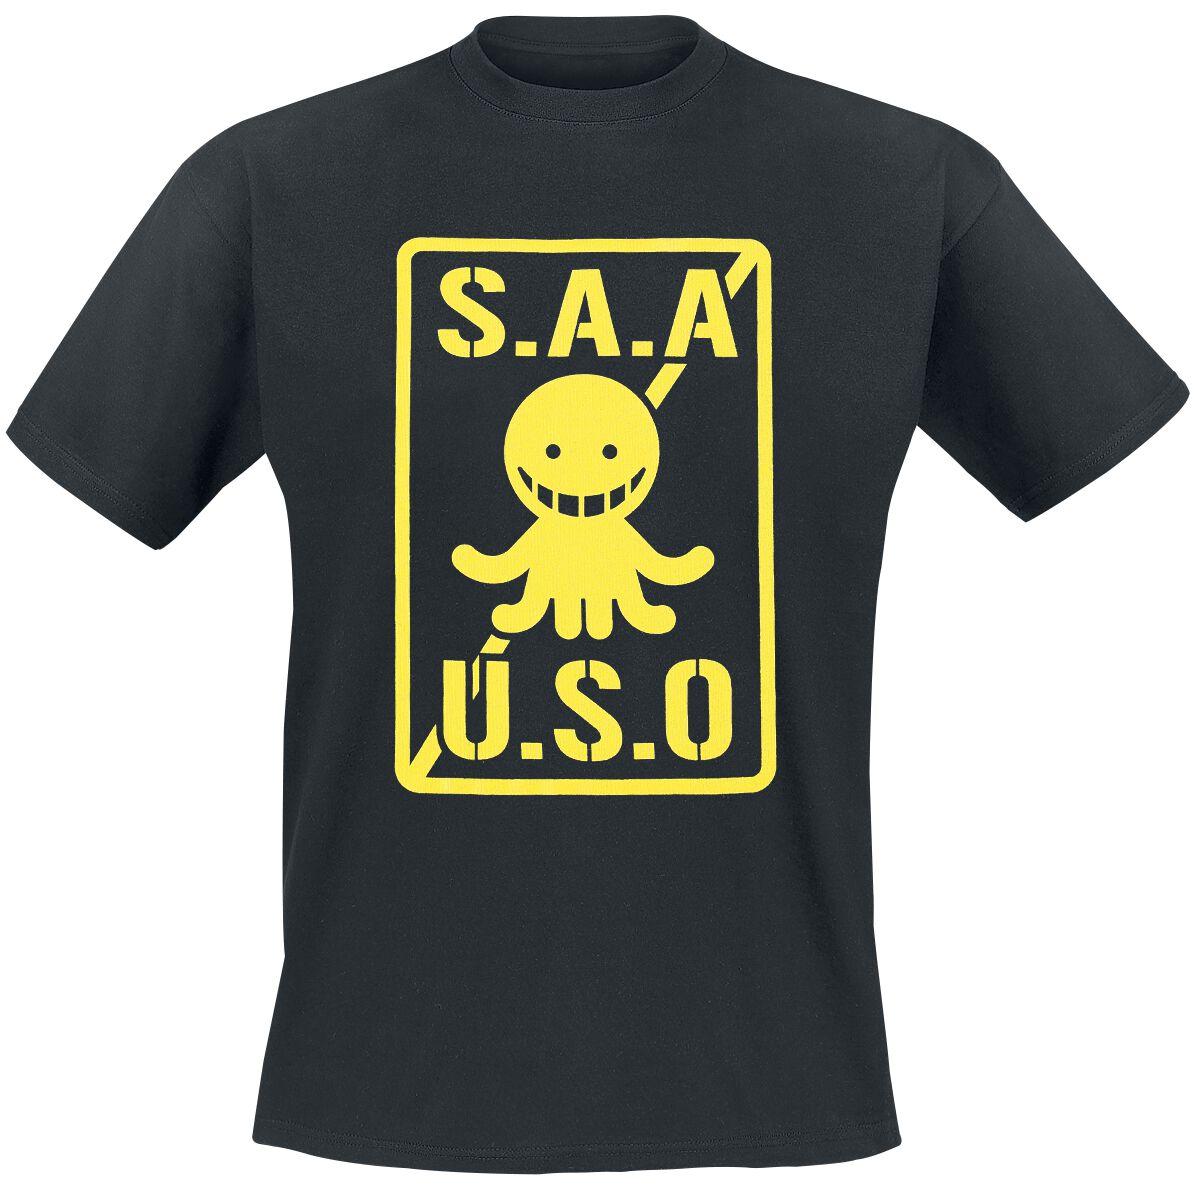 Assassination Classroom S.A.A.U.S.O. T-Shirt schwarz ABYTEX373